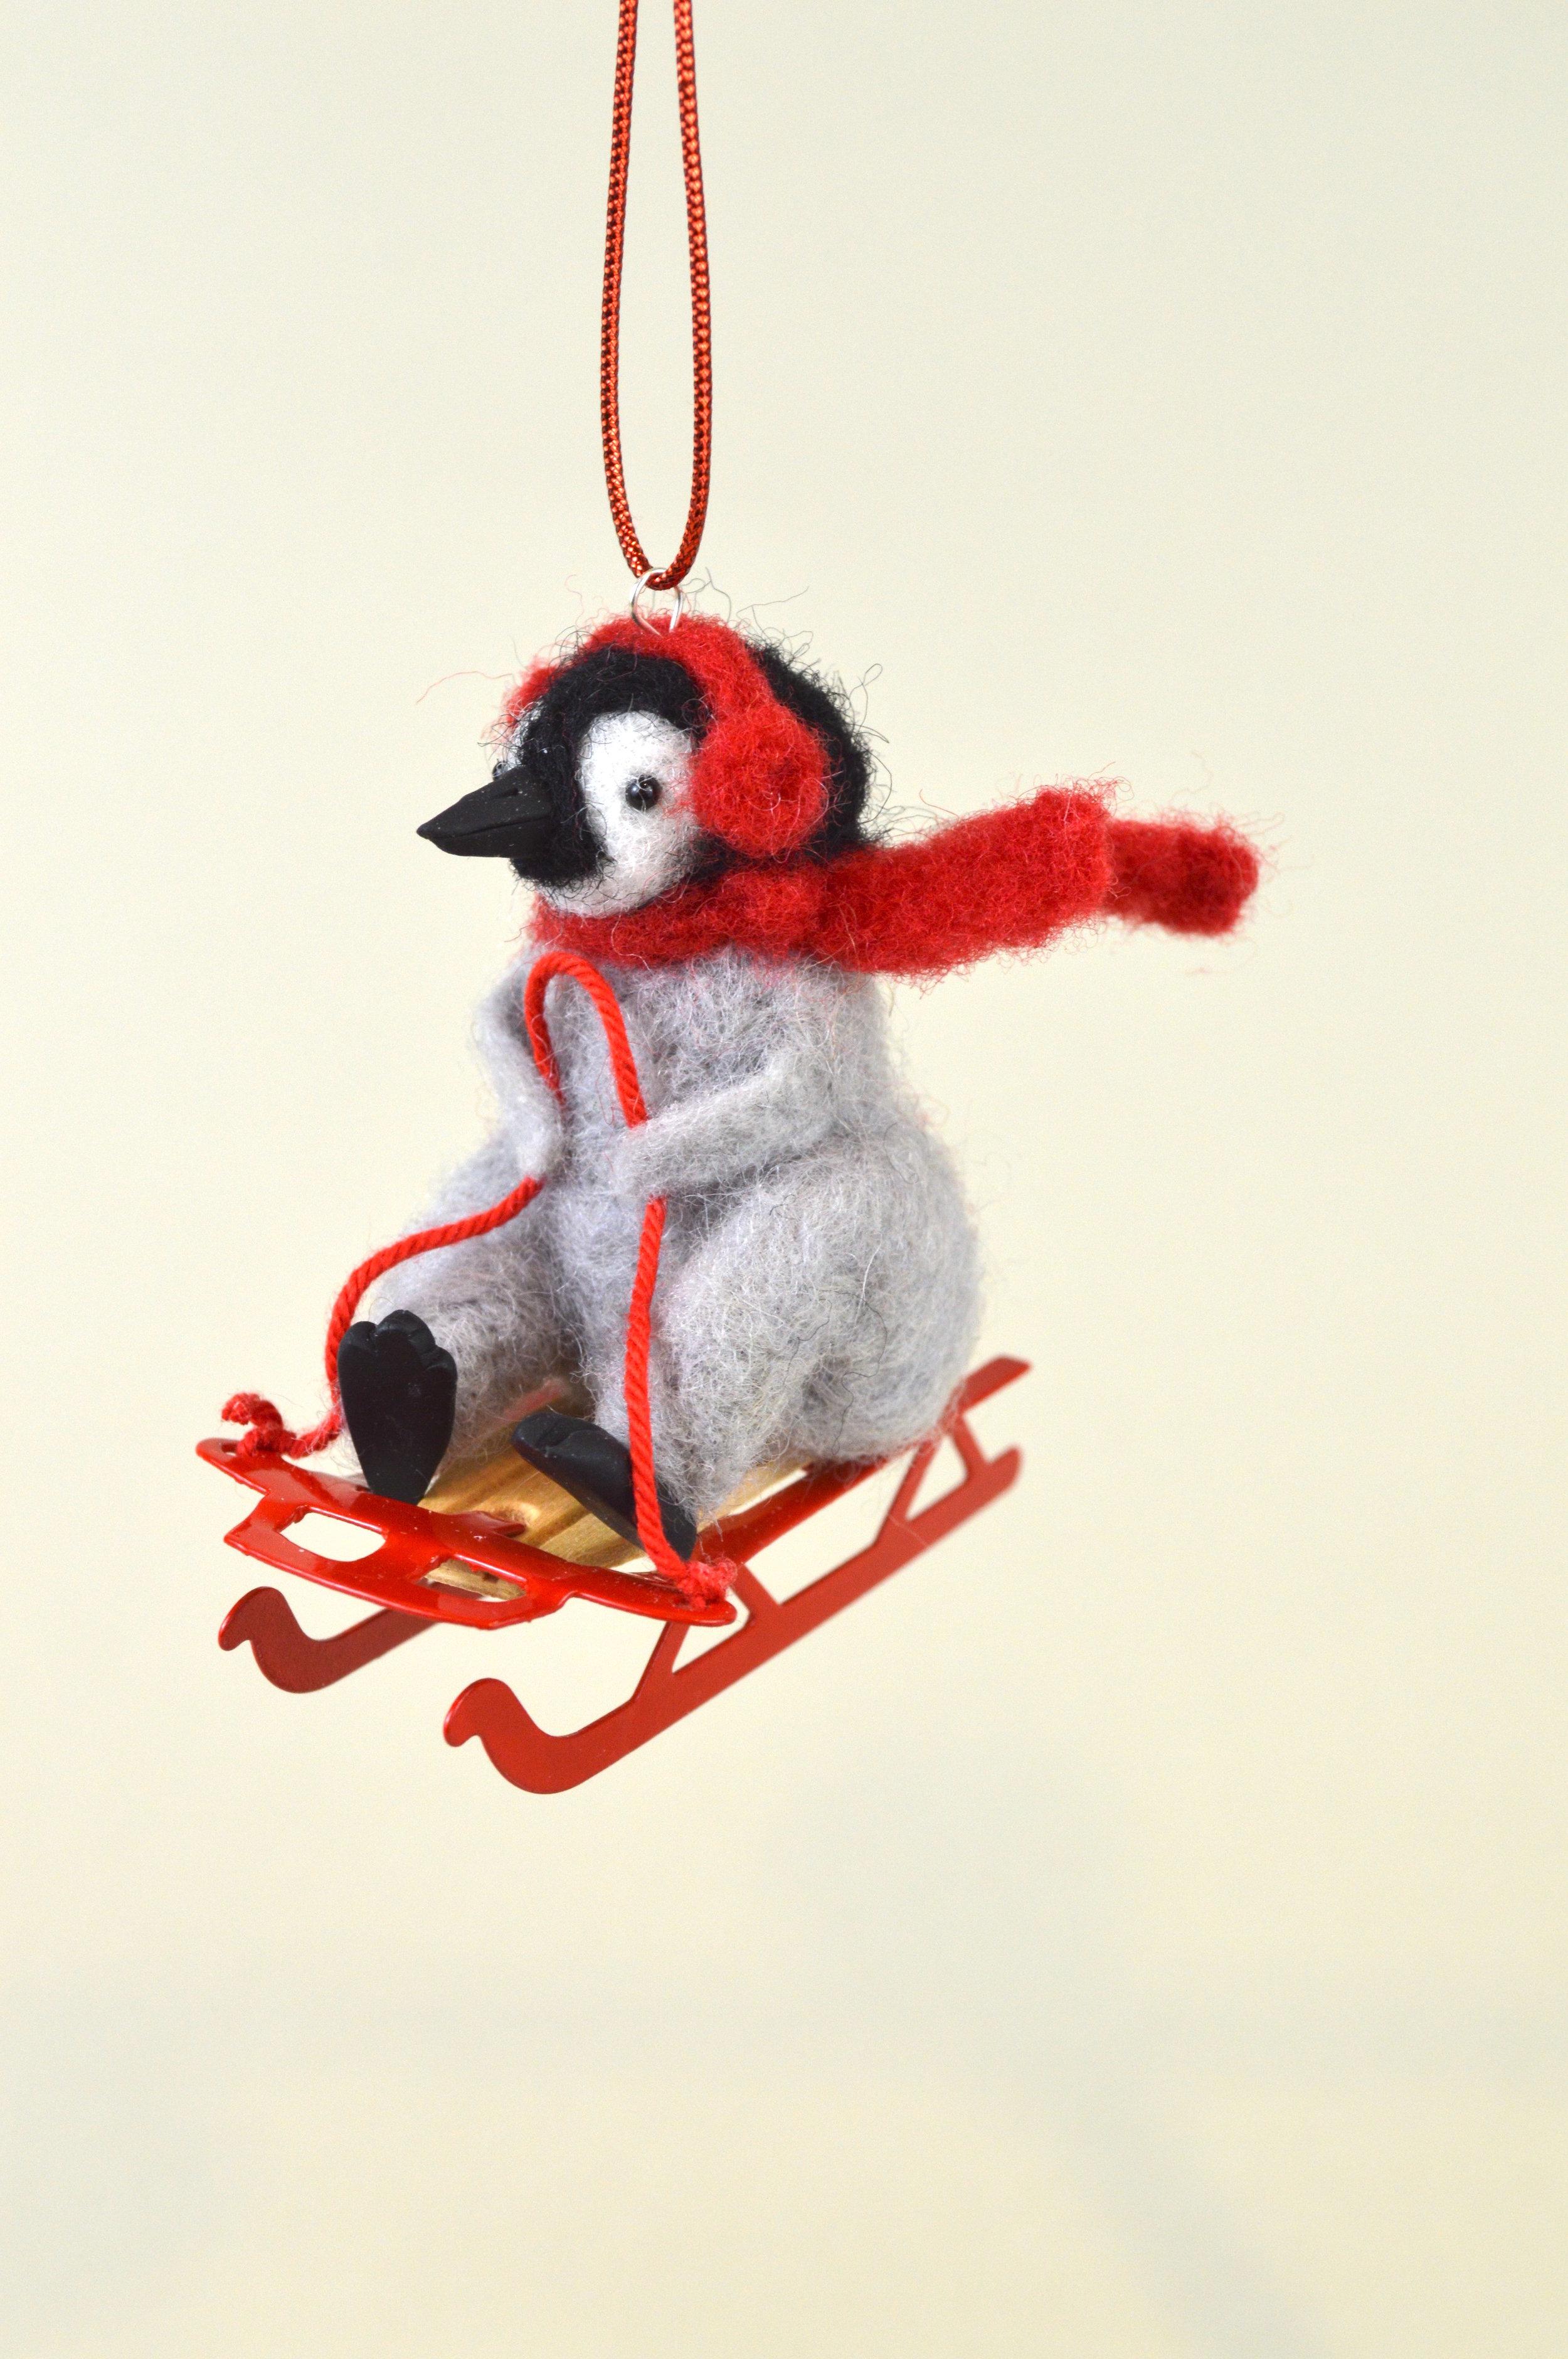 PenguinonSled.jpg